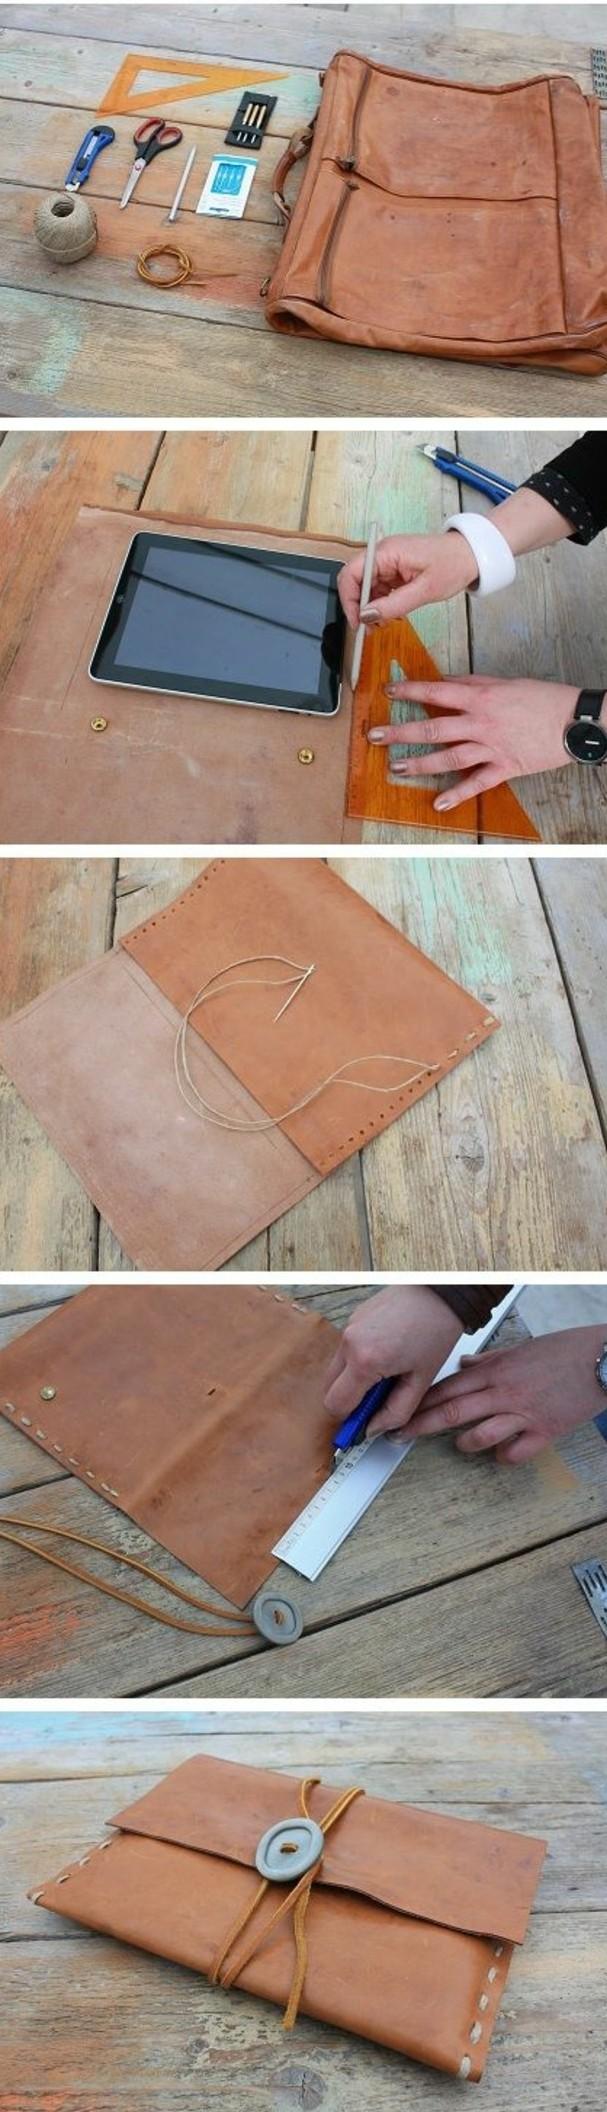 exemple-tuto-pochette-ipad-en-cuir-a-faire-soi-meme-étapes-de-la-fabrication-d-une-pochette-fermeture-avec-un-grand-bouton-gris-style-amérindien